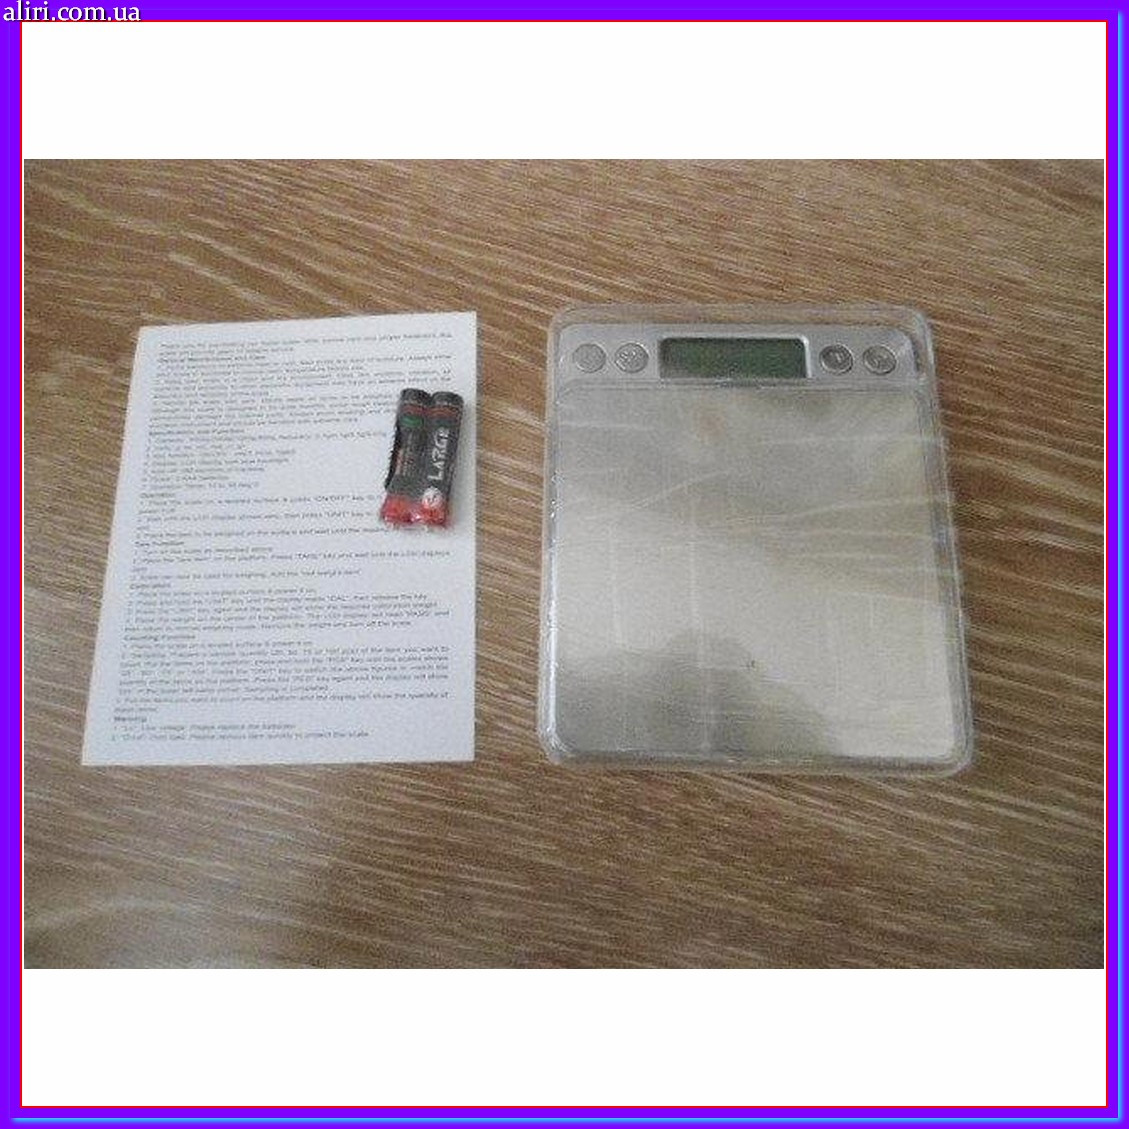 Ювелирные электронные весы 0,01-500 +2 чаши. дискретность 0,01